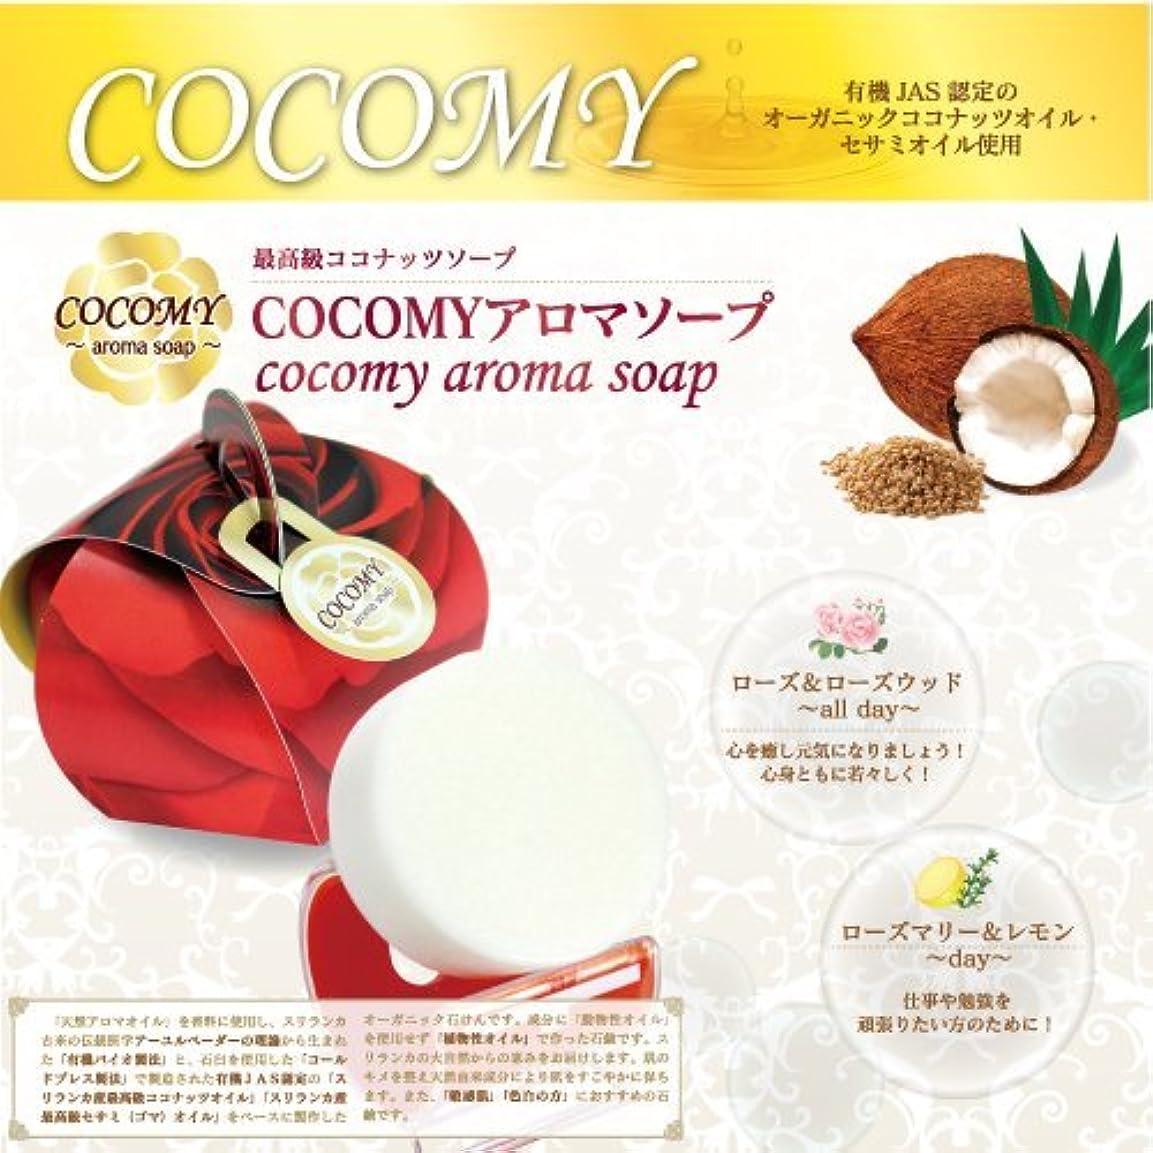 蛇行ゆるく競合他社選手COCOMY aromaソープ 2個セット (ローズマリー&レモン)(ローズ&ローズウッド) 40g×各1